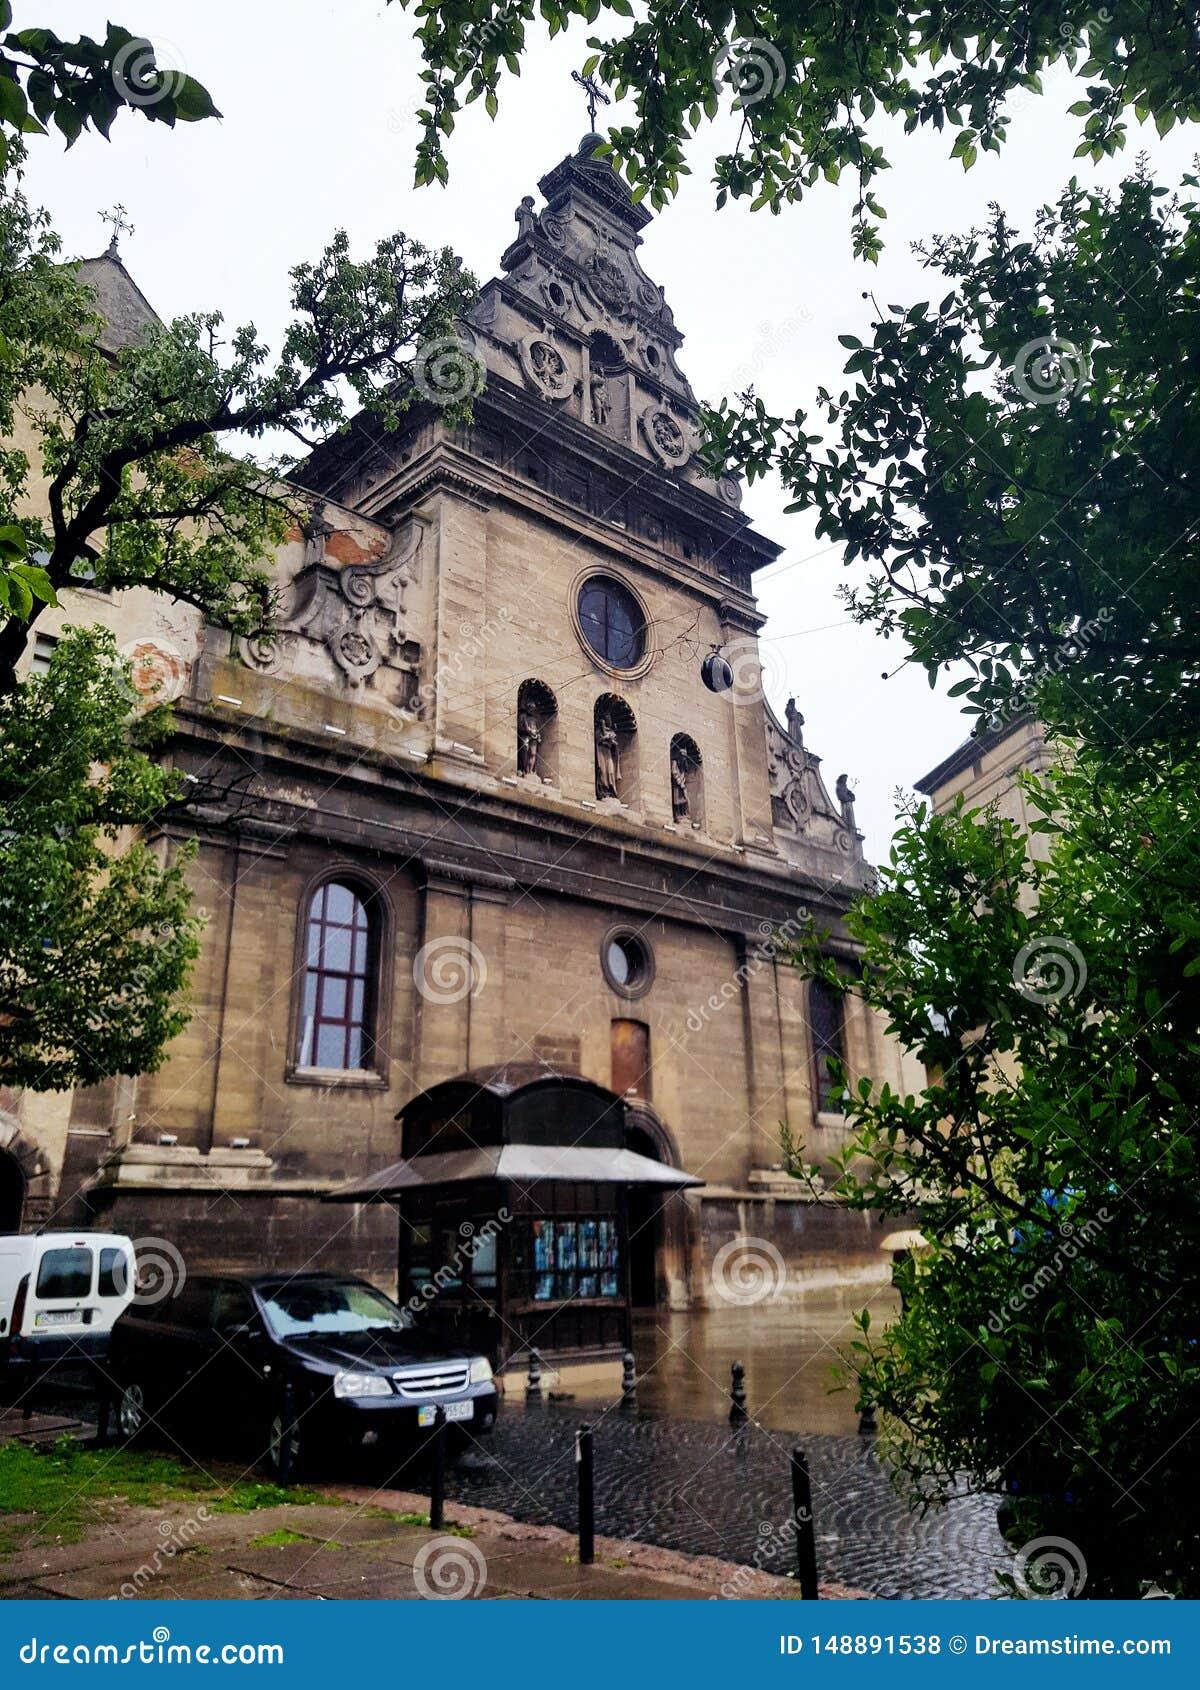 Όμορφη παλαιά αρχιτεκτονική της ευρωπαϊκής πόλης Lviv, Ουκρανία